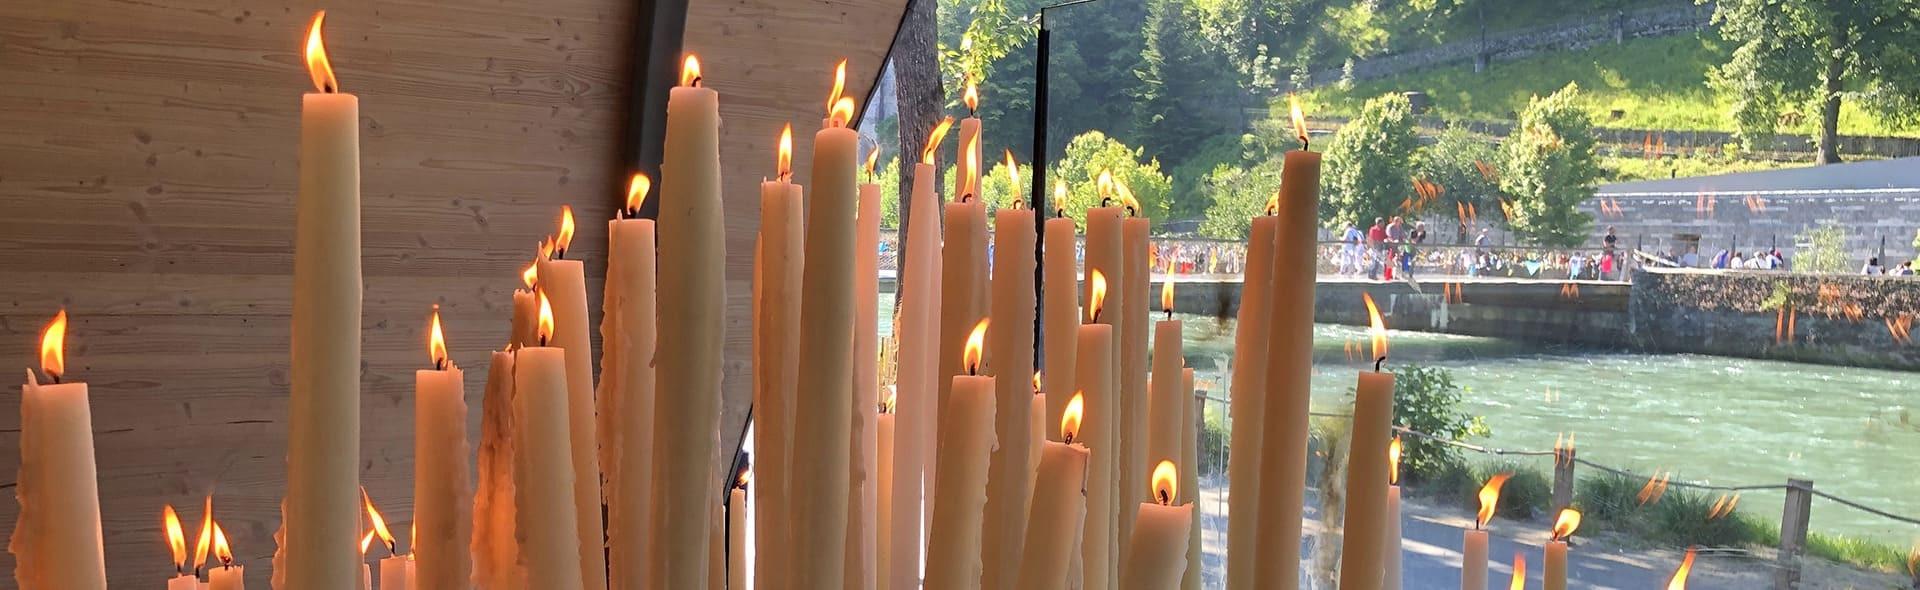 Viaggio a Lourdes in Aereo da Milano Dopo Ferragosto